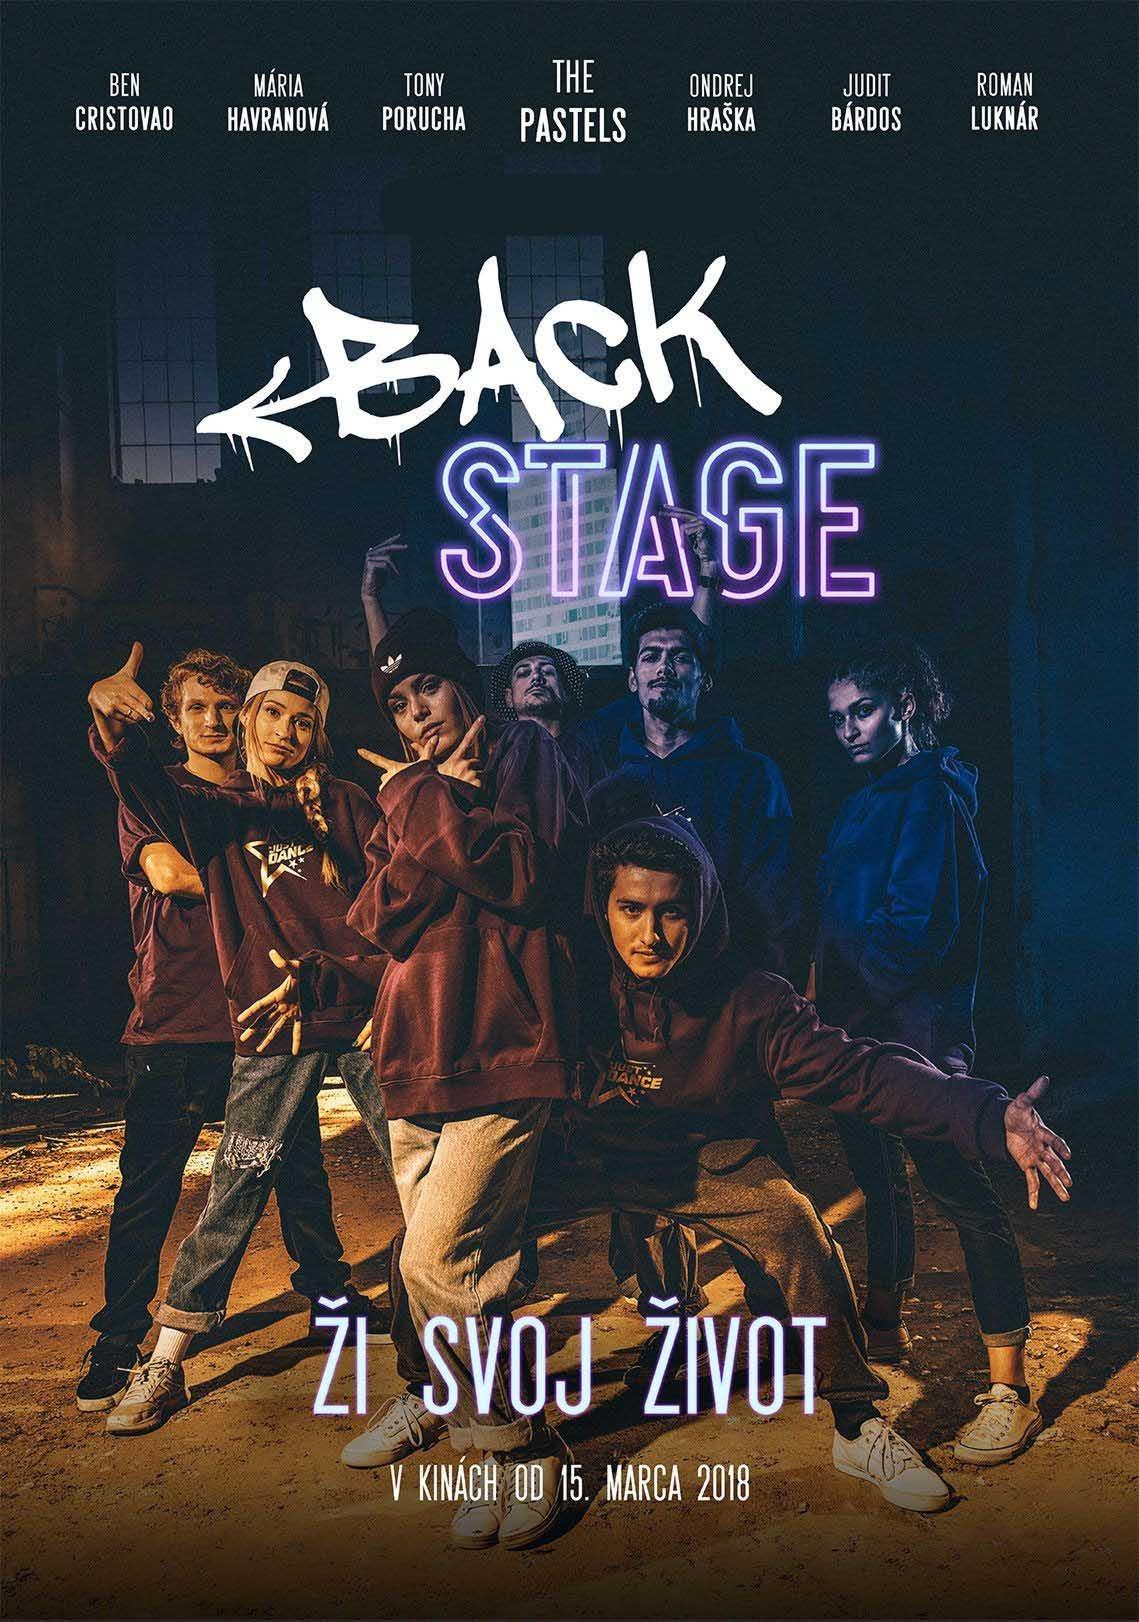 Backstage - DVD